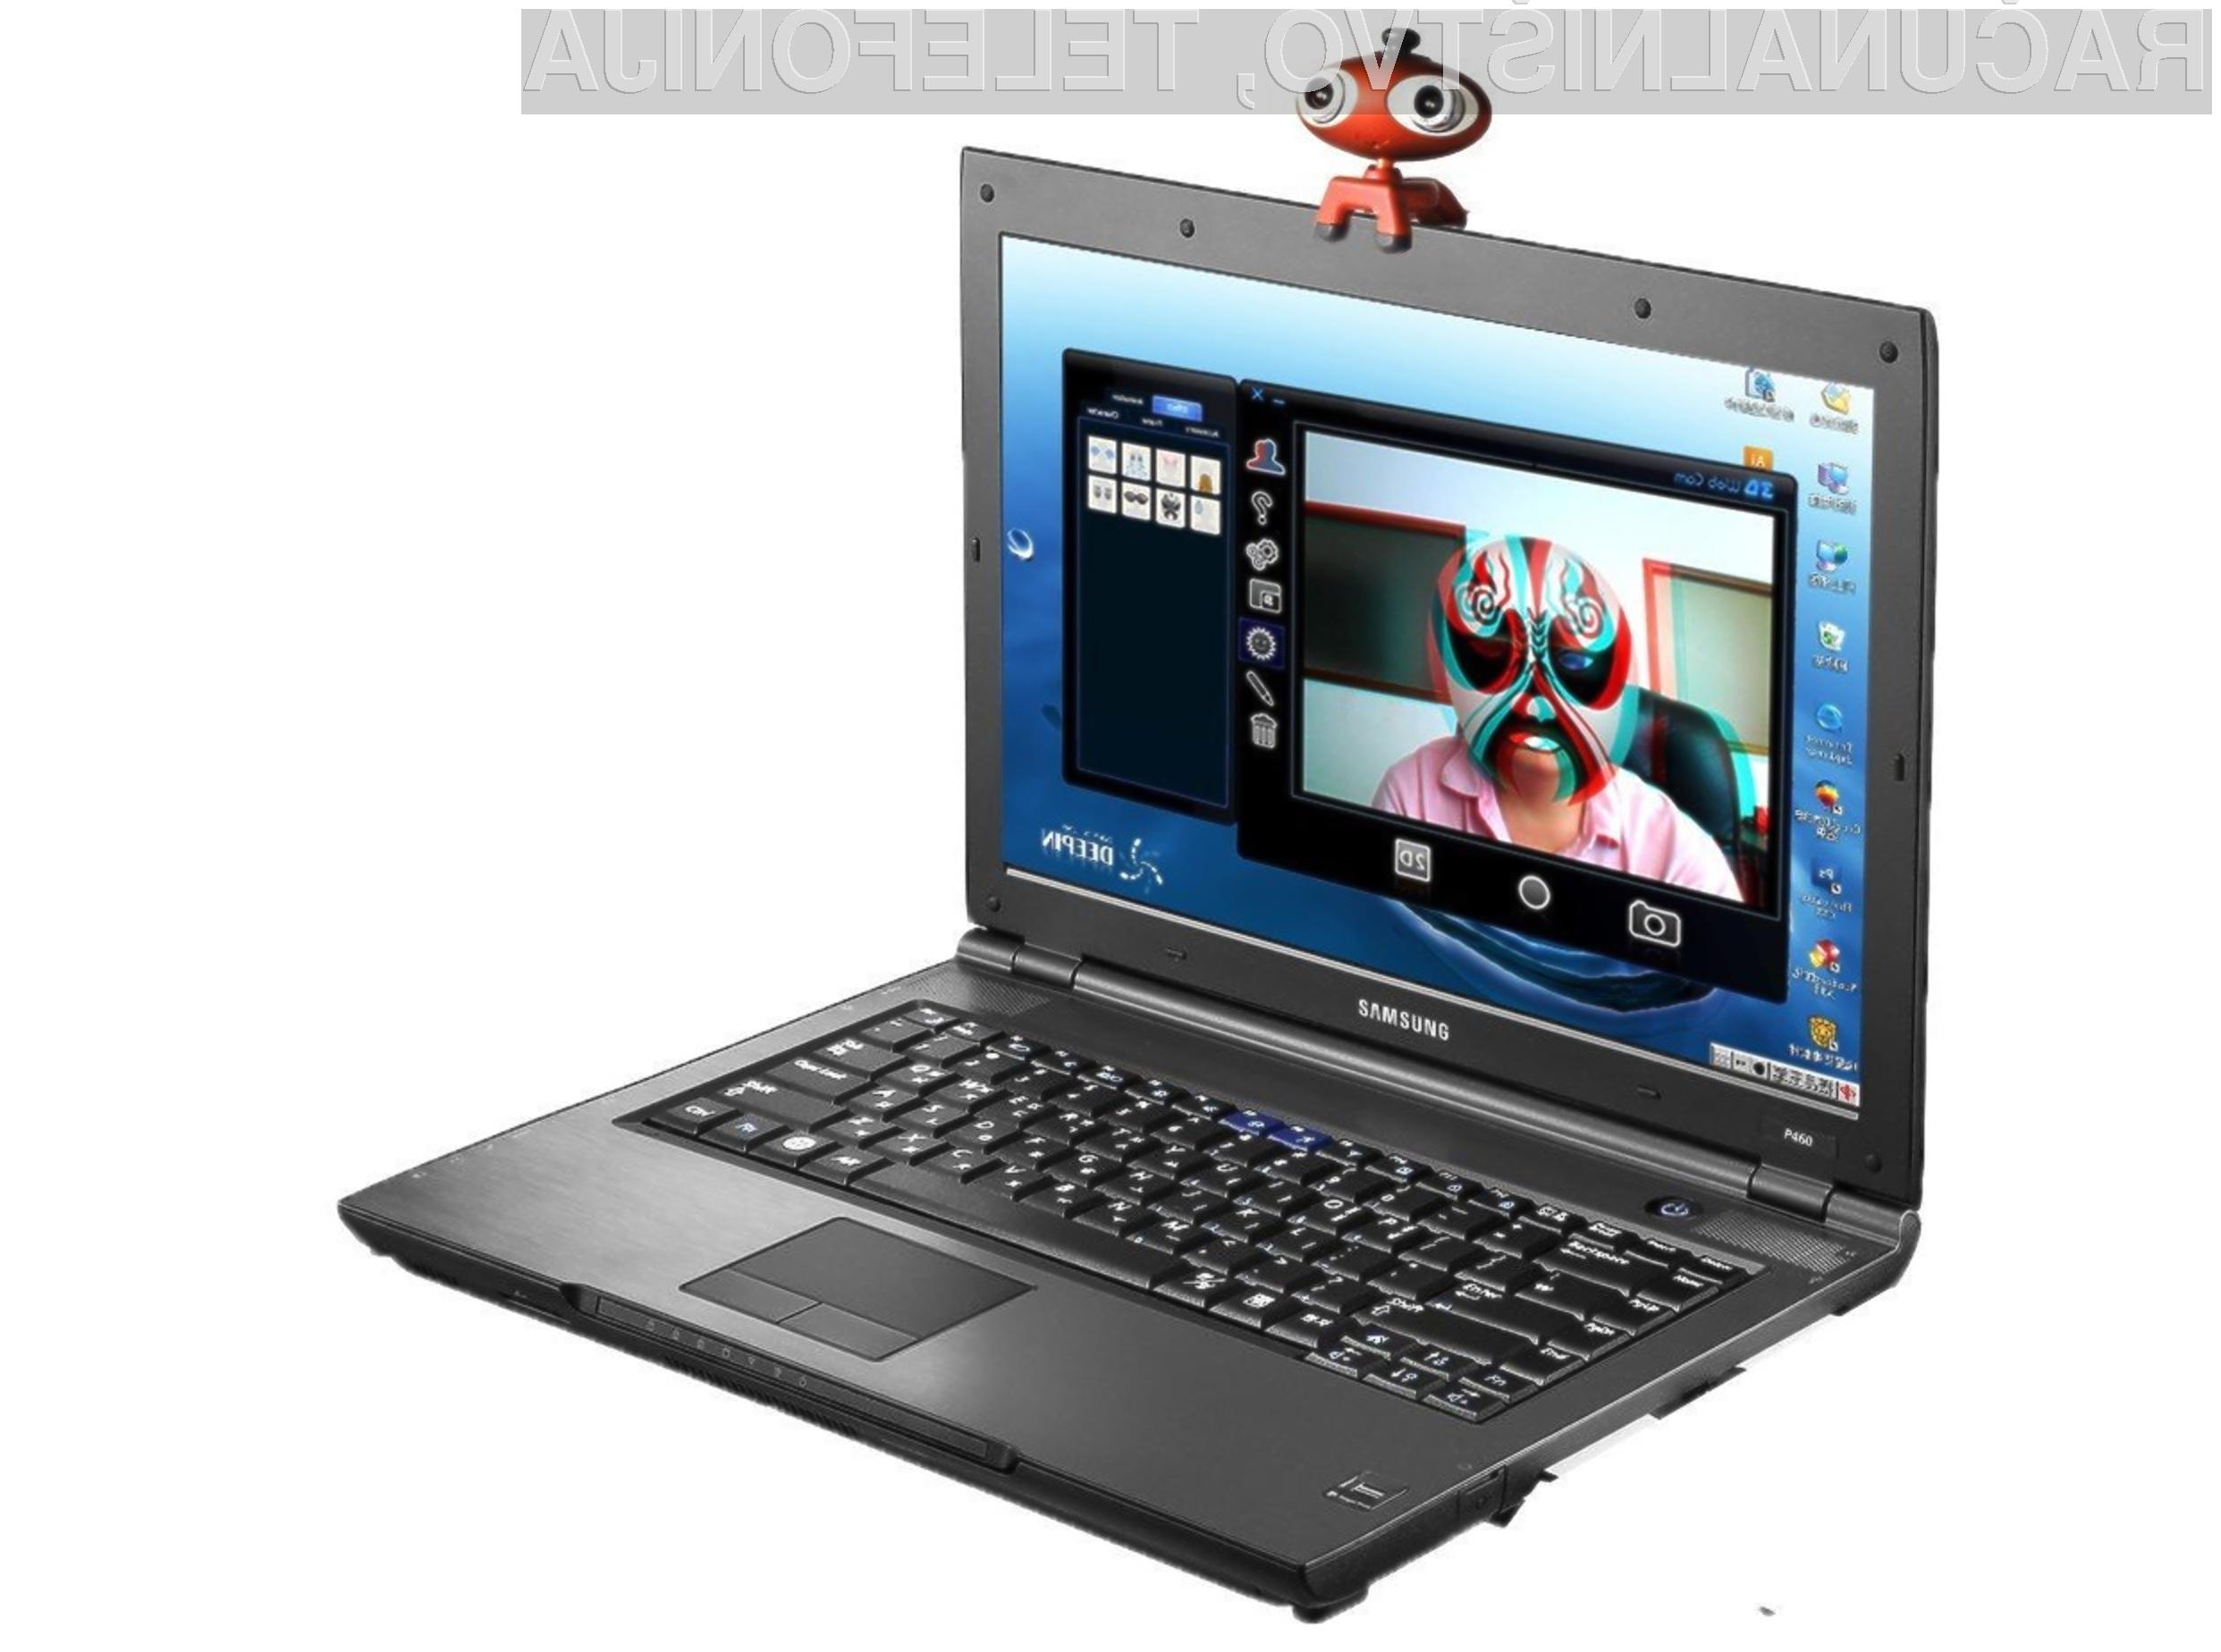 Če pogosto zahajate na sumljive spletne strani, vam priporočamo, da spletno kamero prelepite z lepilnim trakom.